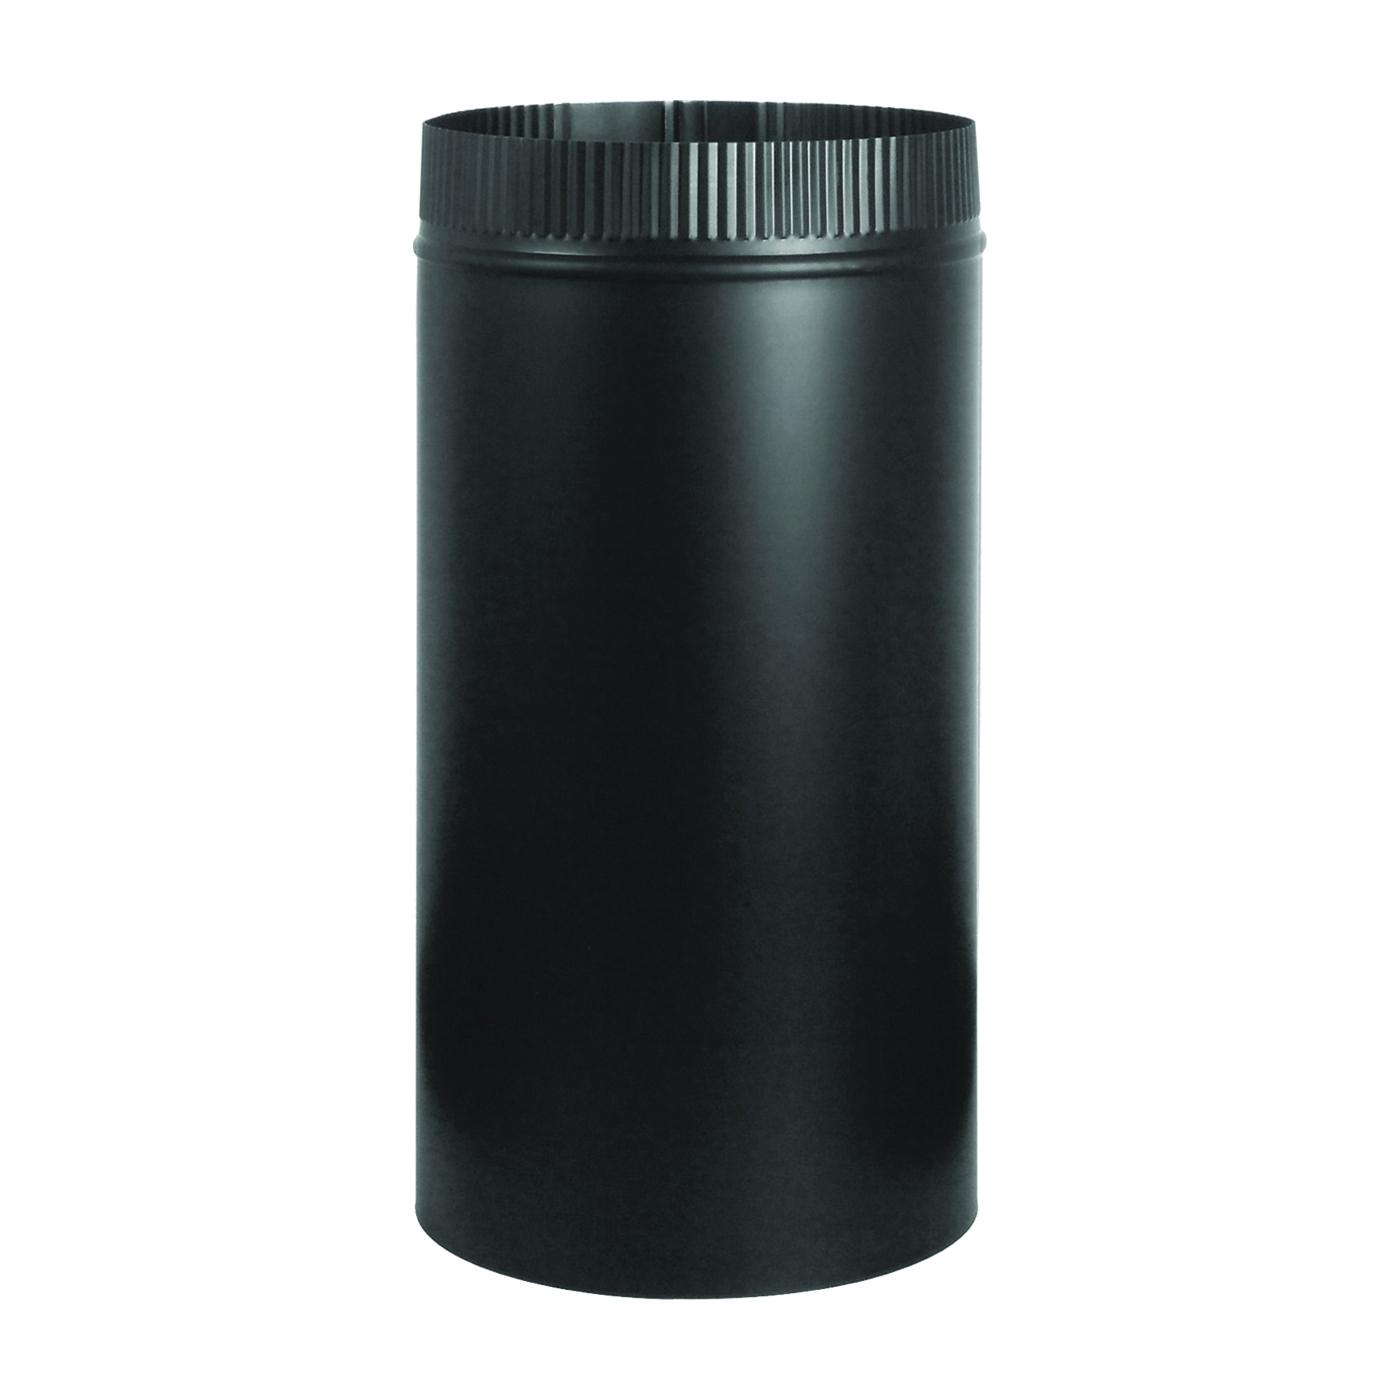 Picture of Imperial BM0103 Stove Pipe, 7 in Dia, 12 in L, Steel, Black